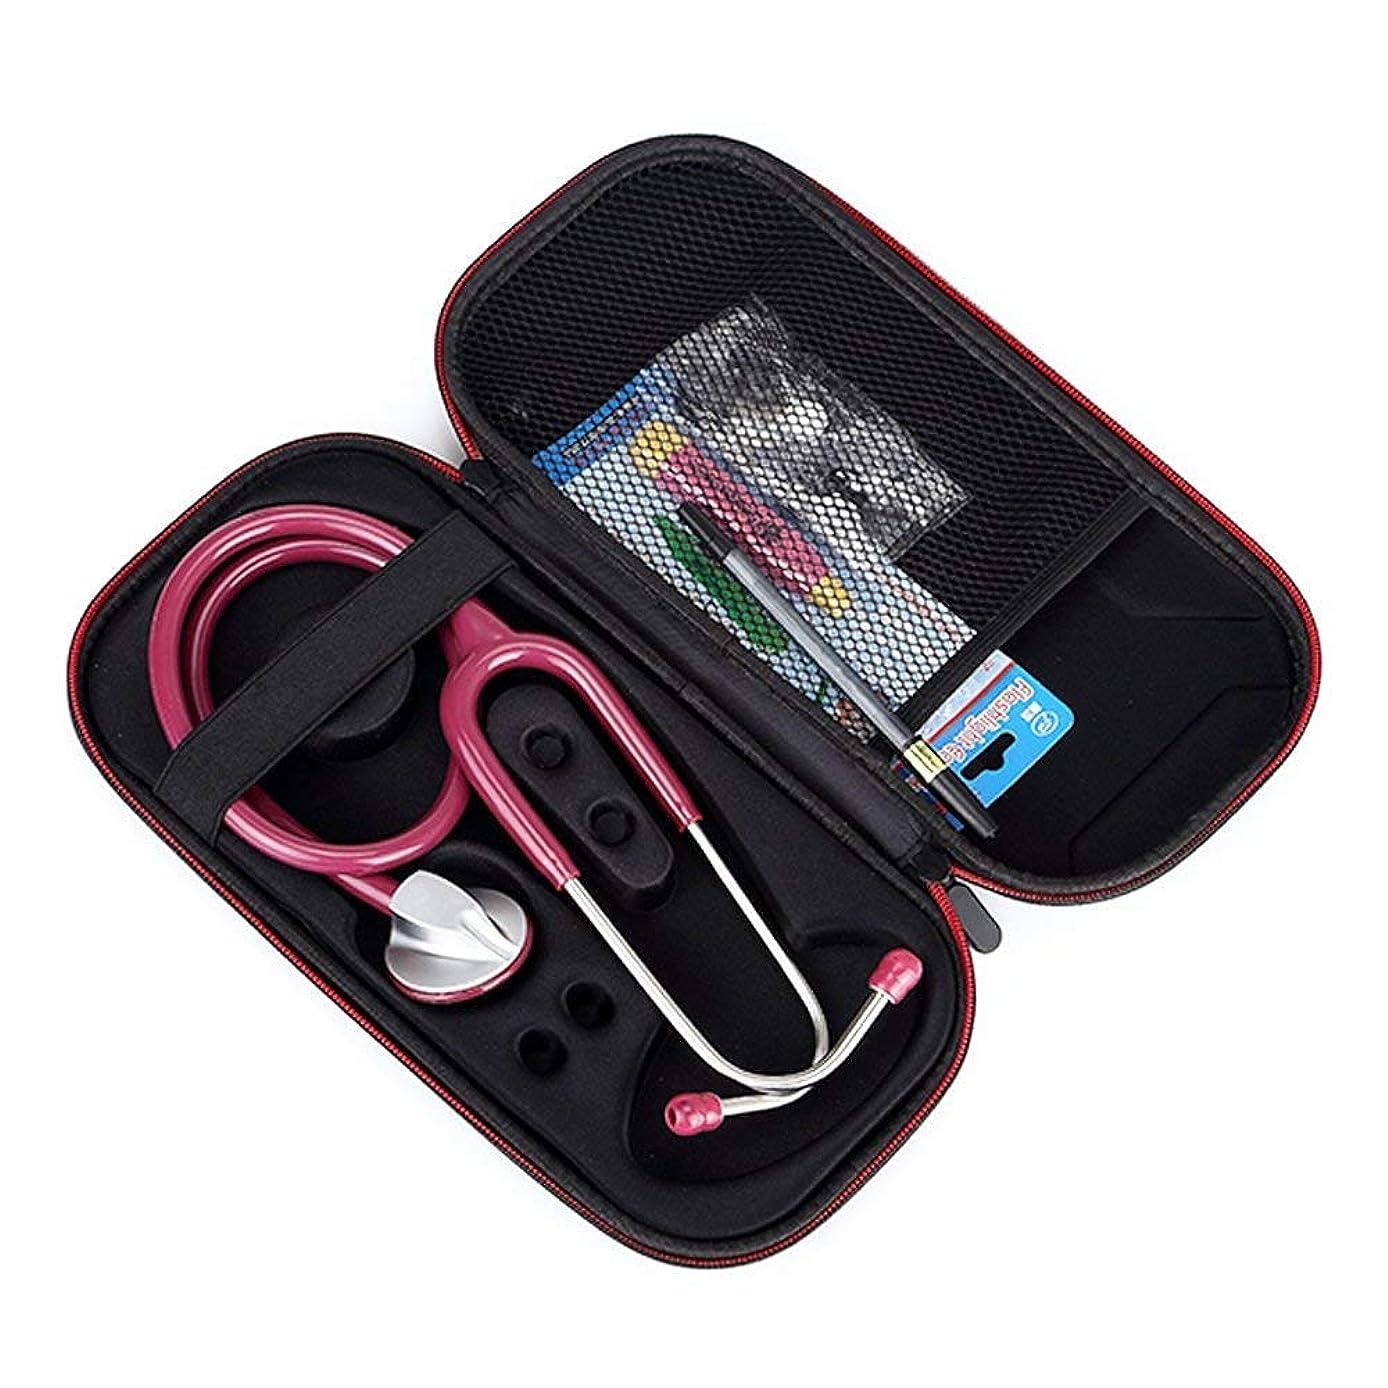 クローゼットトリッキーめんどりGubest 聴診器 収納ポーチバッグ ケース For リットマン 聴診器 クラシックIII 5840/5620/5831/5812/5623/5803/5811/対応キャリングケース EVA 保護ケースポータブル 専用のケース (ブラック+レッドファスナー)